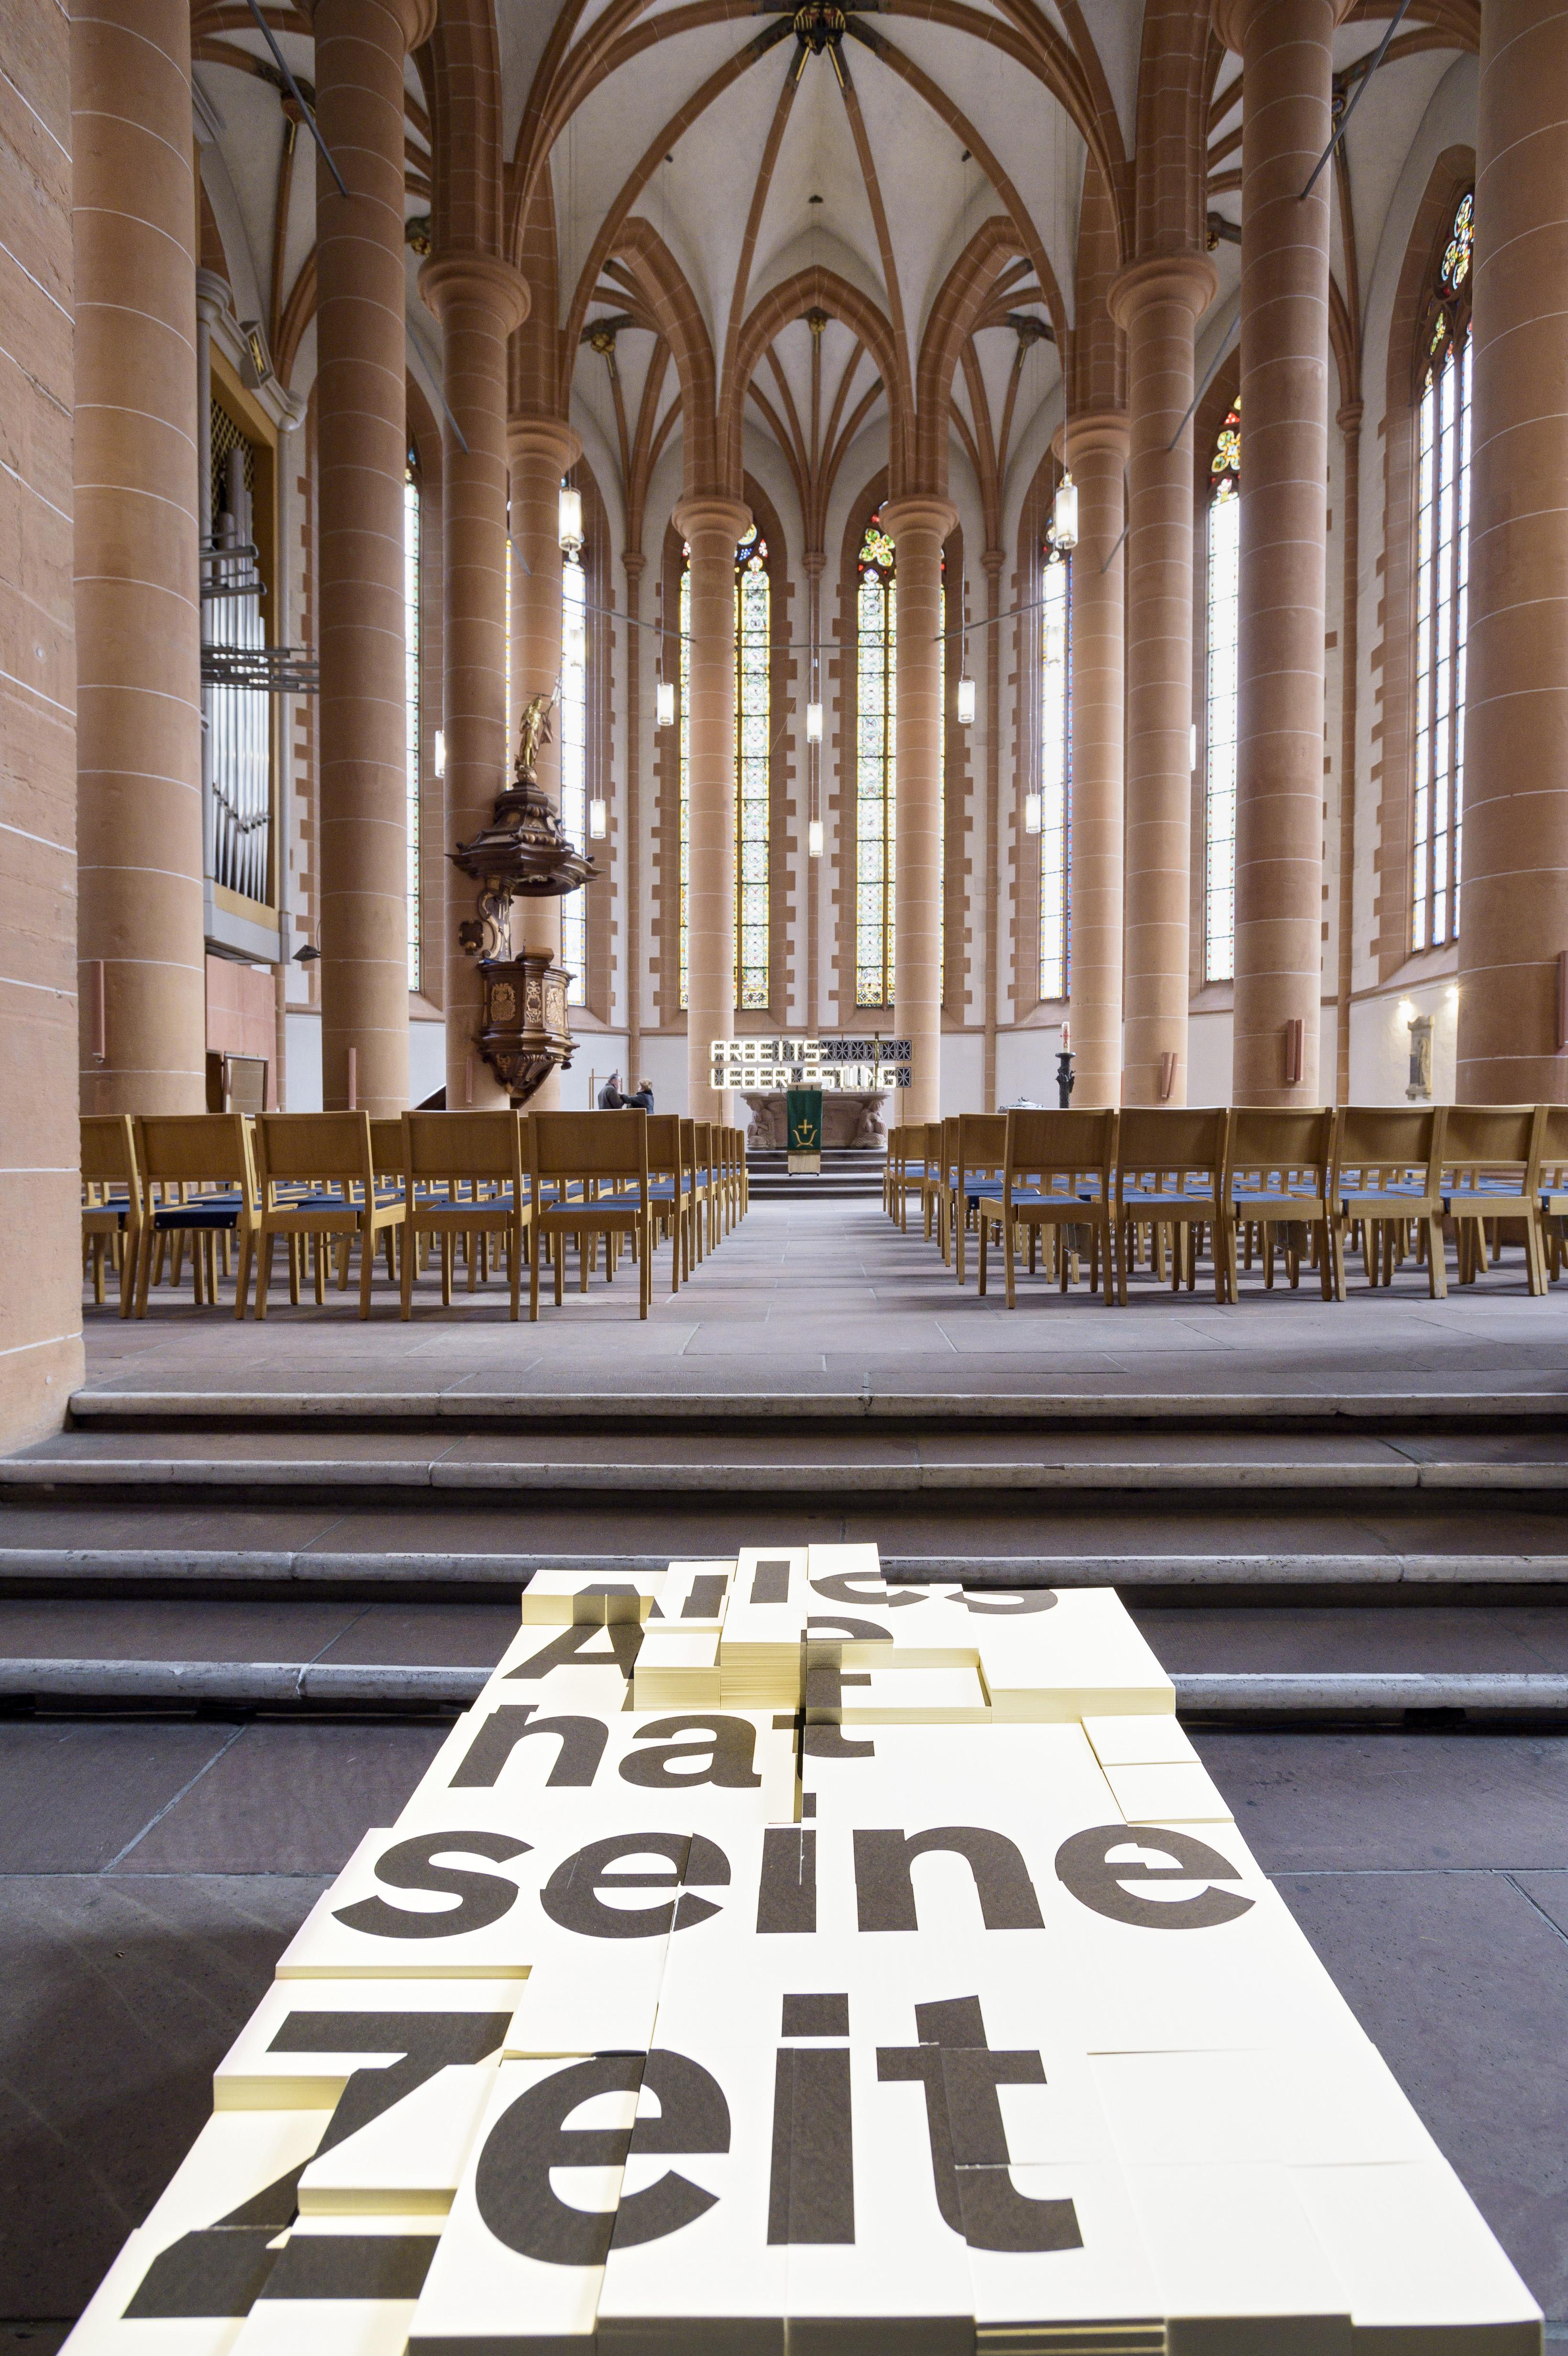 """""""Aufs Maul geschaut – Mit Luther in die Welt der Wörter"""" ist der Titekl einer Ausstellung, die bis zum 26. März dieses Jahres in der Heiliggeistkirche zu sehen ist.  Foto: Philipp Rothe, 24.02.2017"""